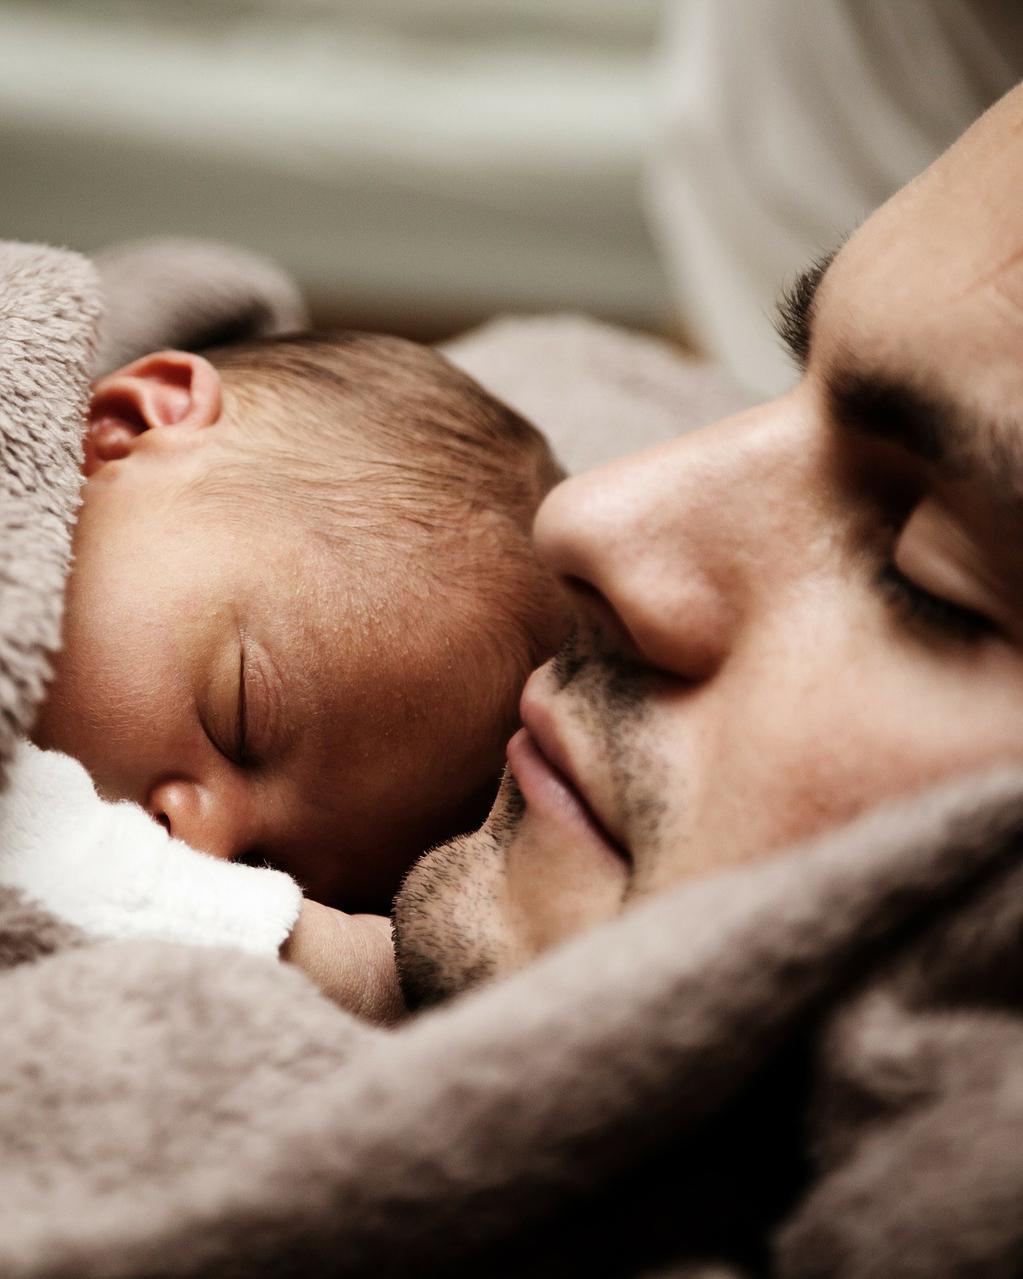 sovende baby sammen med pappa etter sovehjelp fra alle barna sover